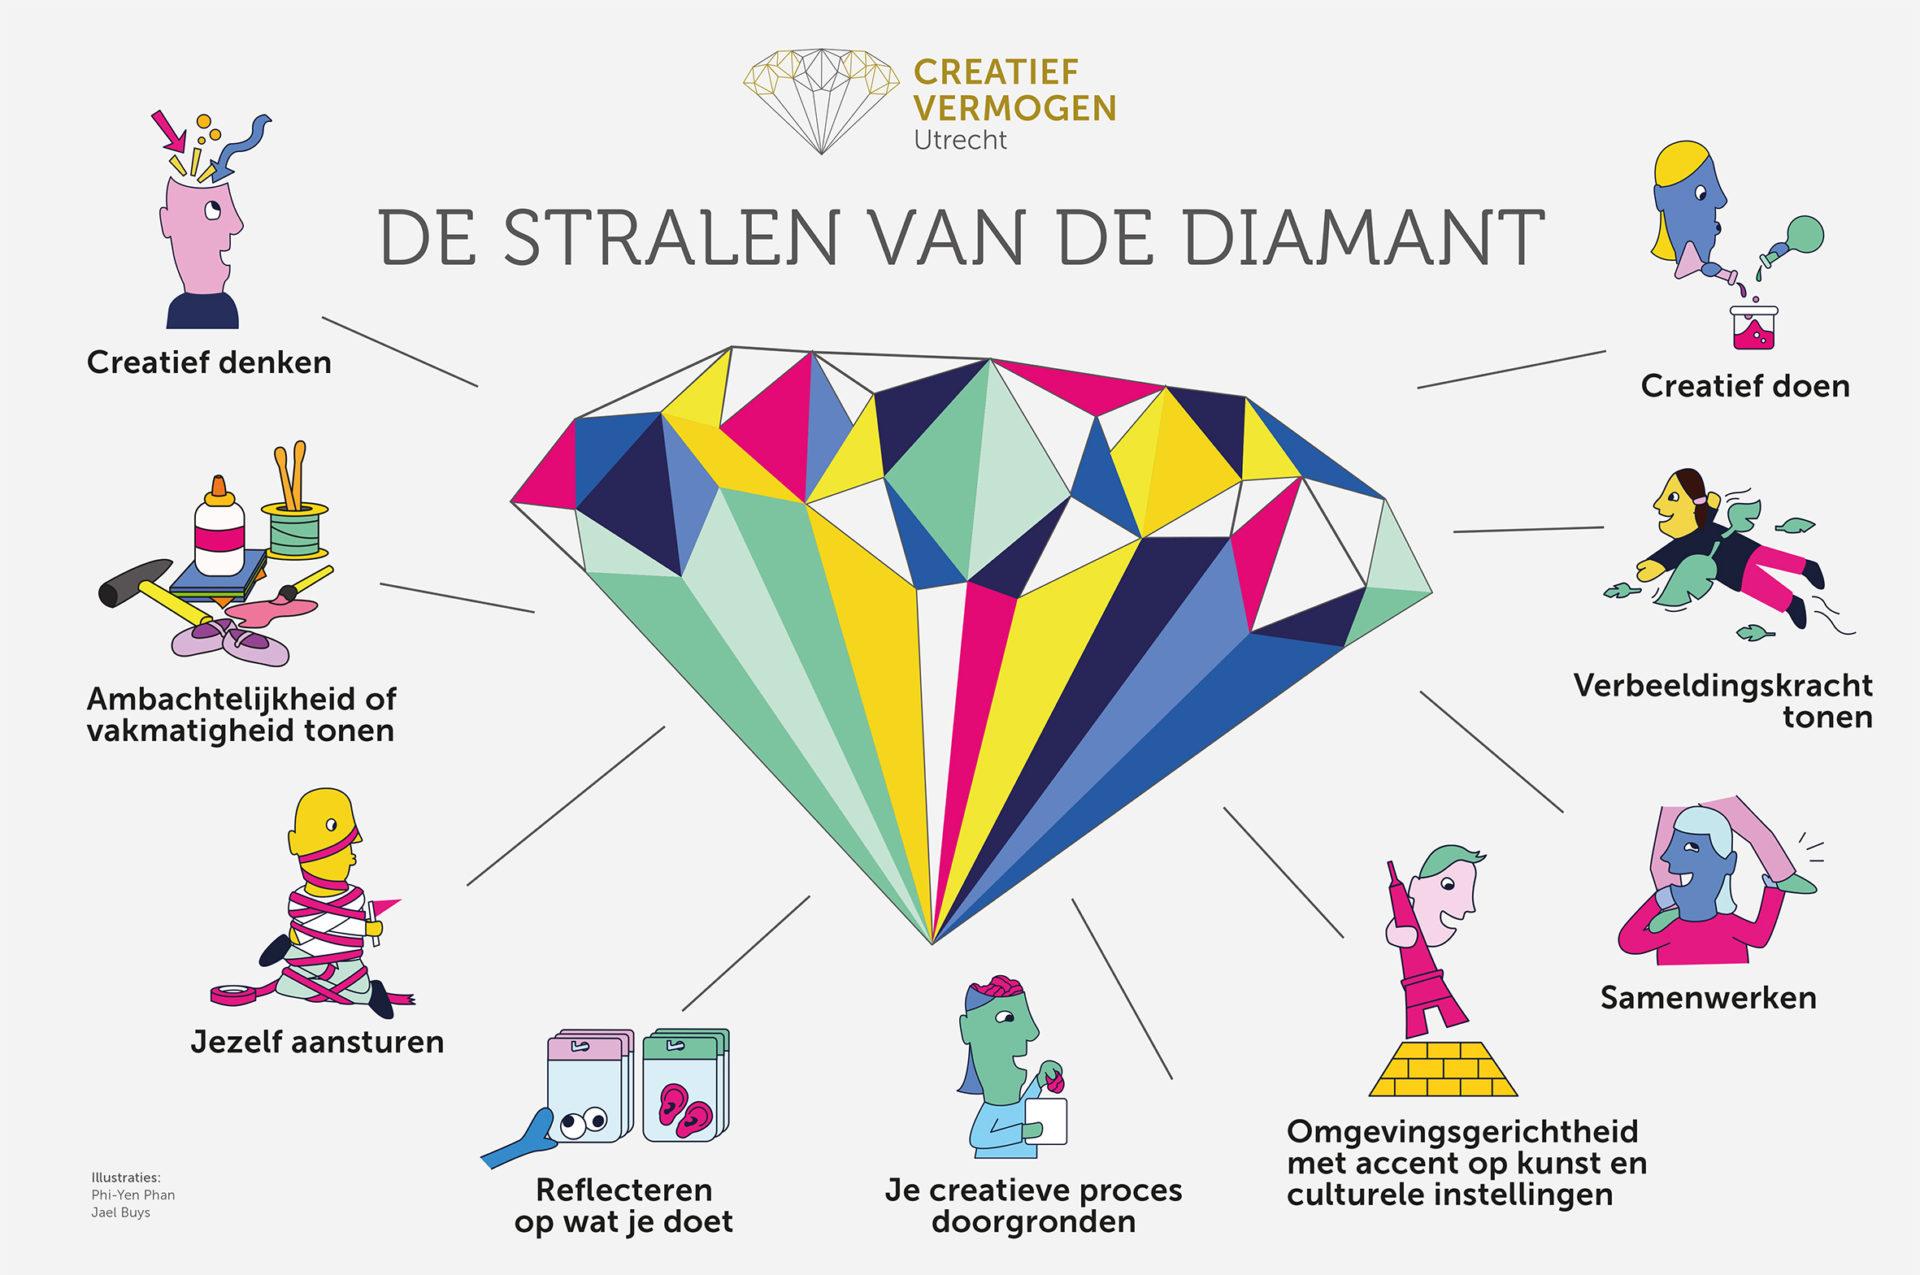 Creatief Vermogen Utrecht